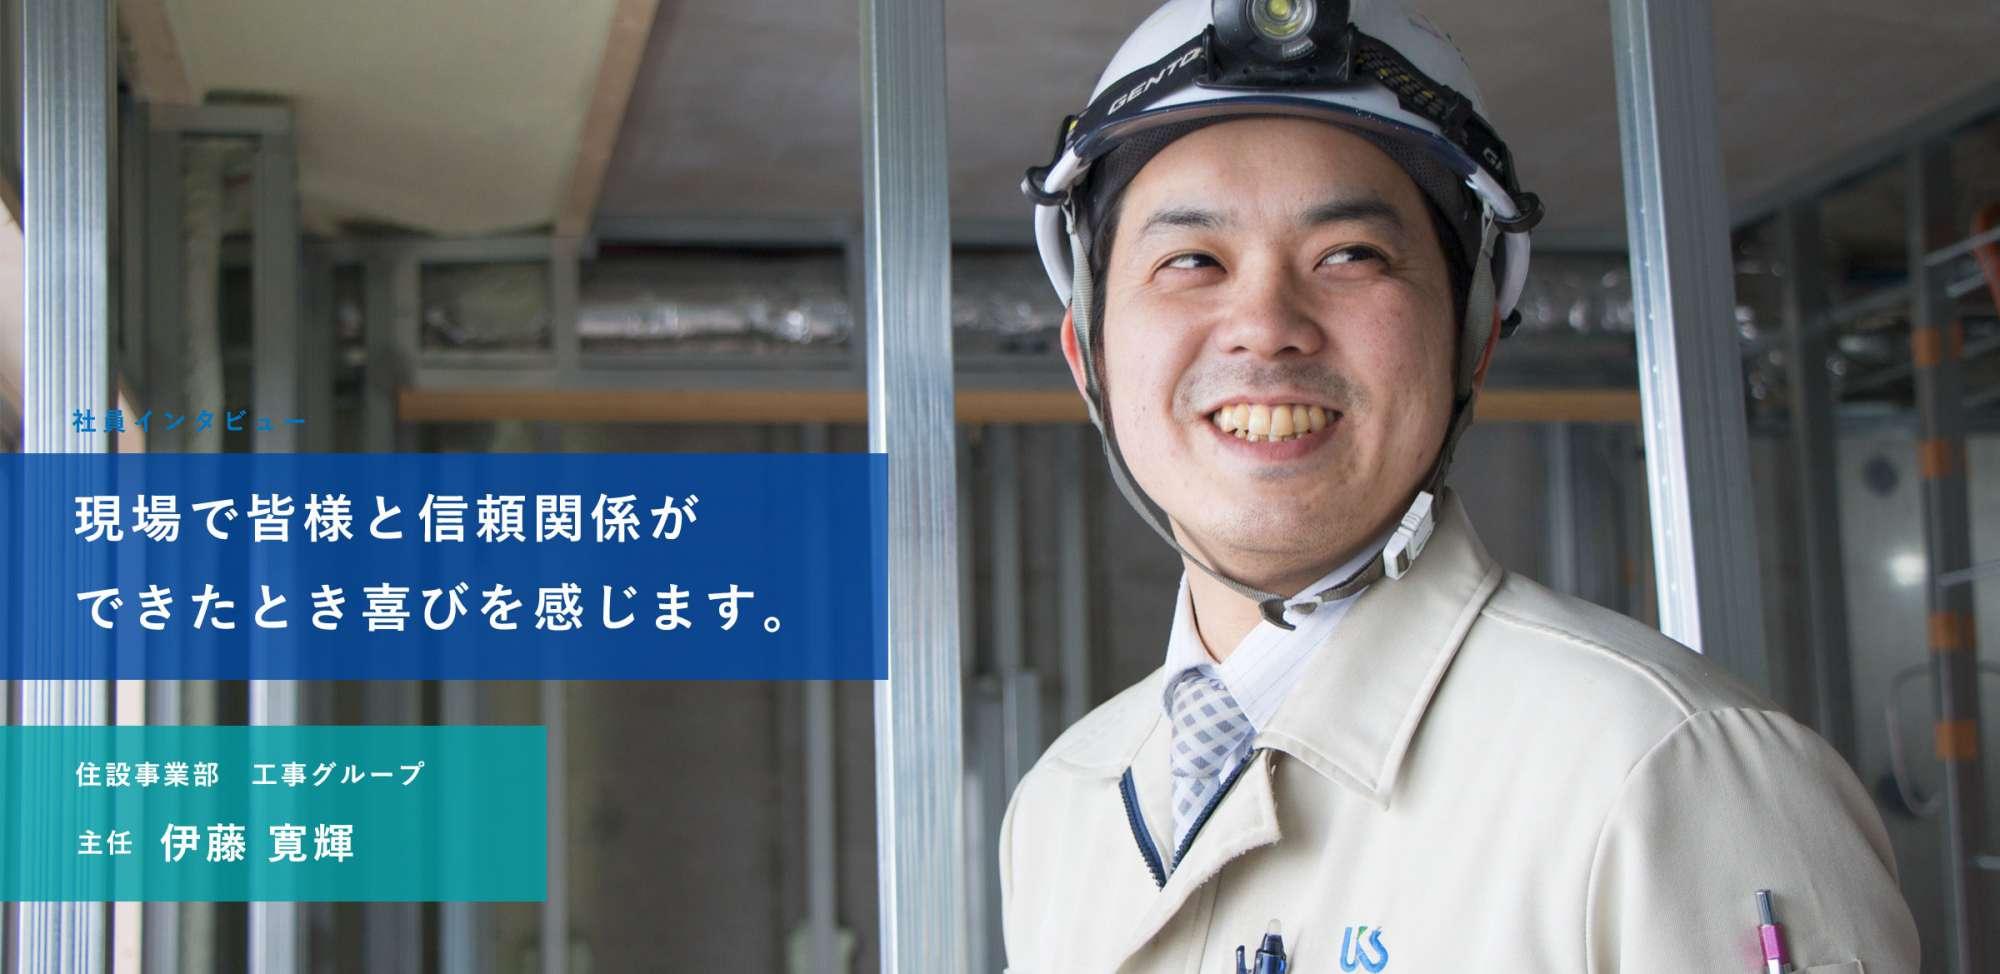 現場で皆様と信頼関係ができたとき喜びを感じます。住設事業部 工事グループ主任 伊藤 寛輝